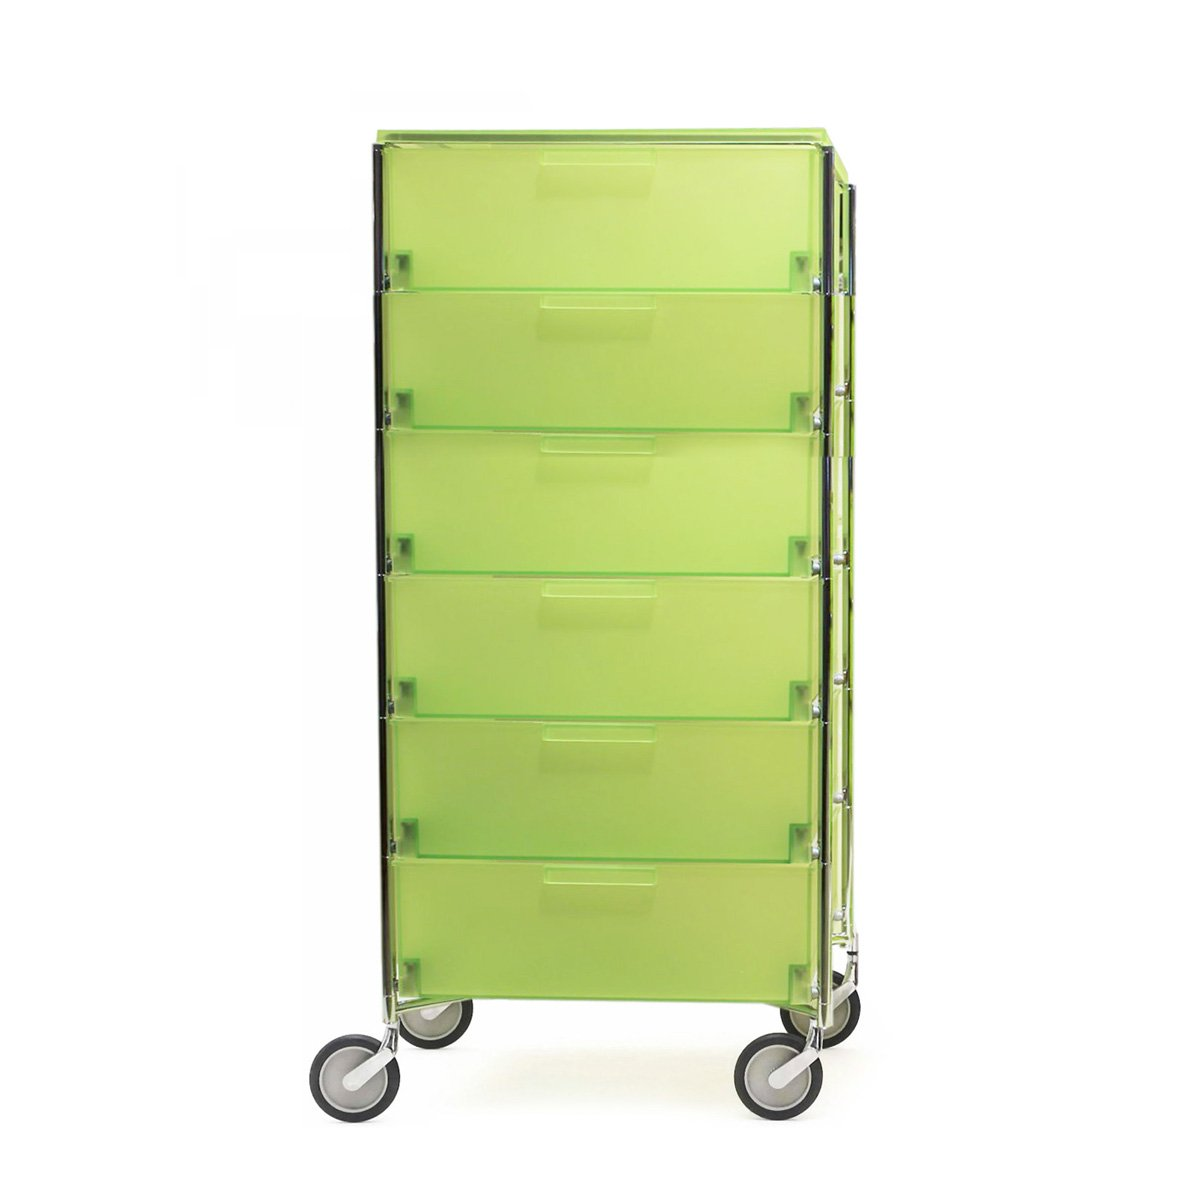 Kartell 2040L3 Container Mobil, 6 Schubladen, zitronengelb